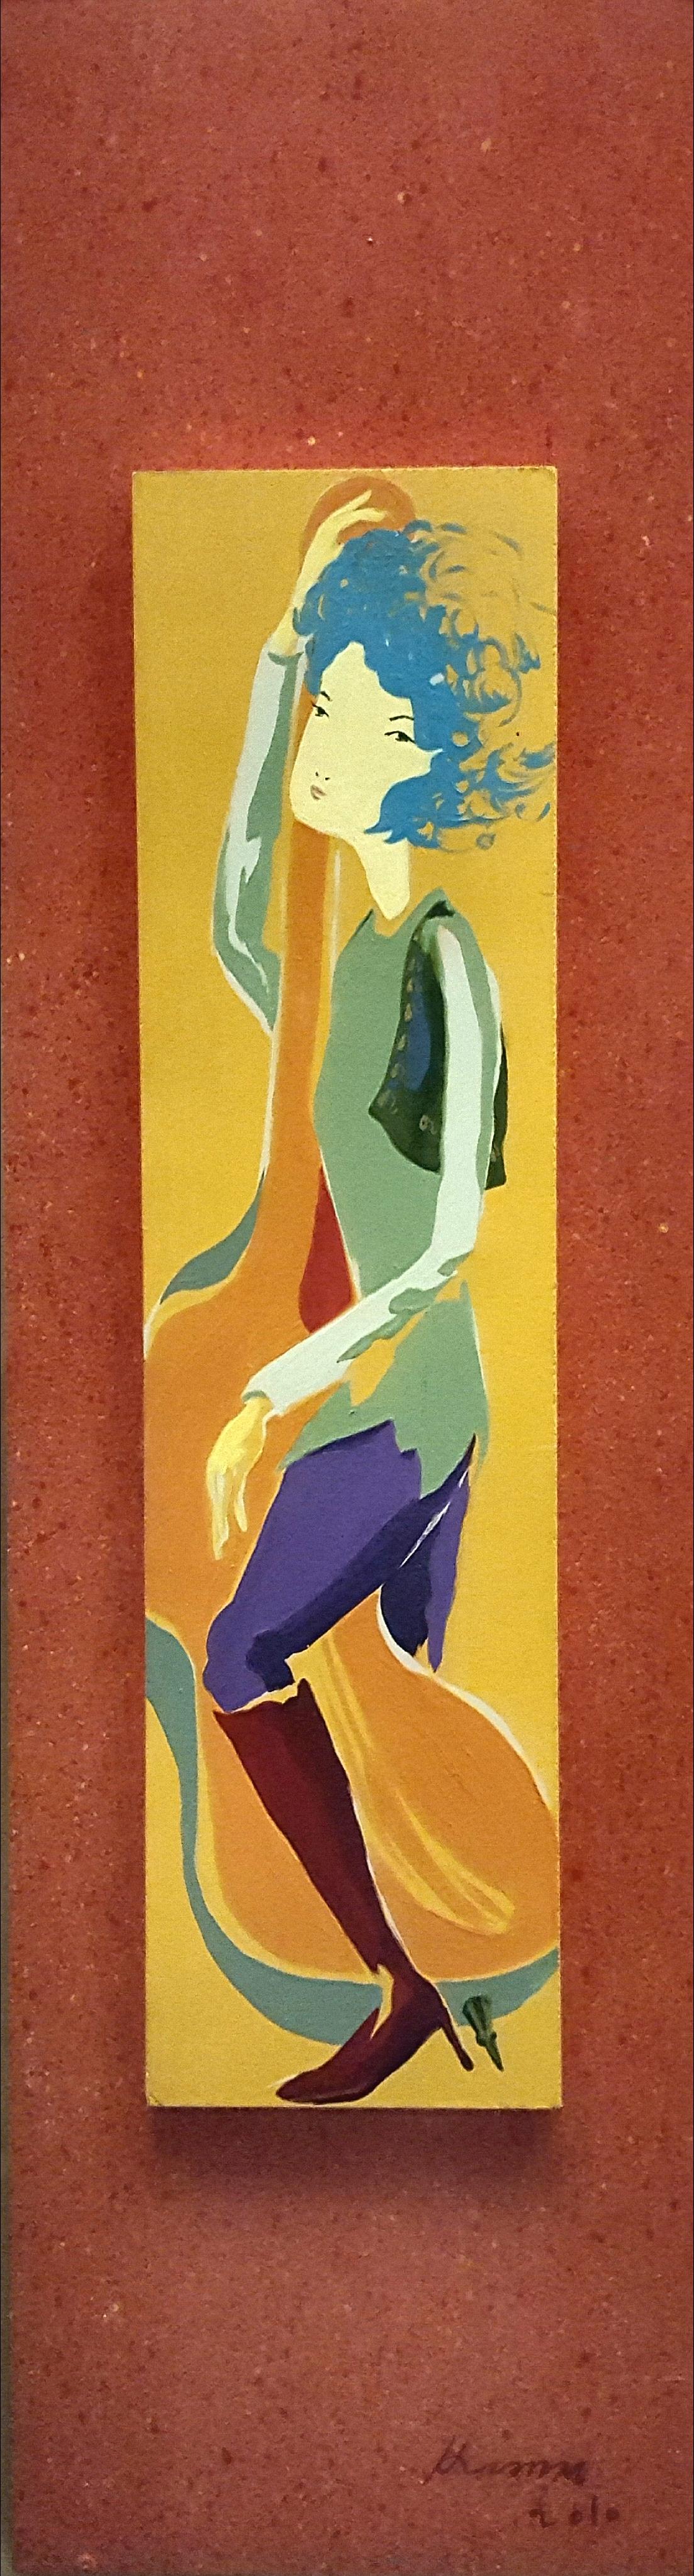 첼로연주, 20x73cm, 목판에 아크릴, 2010